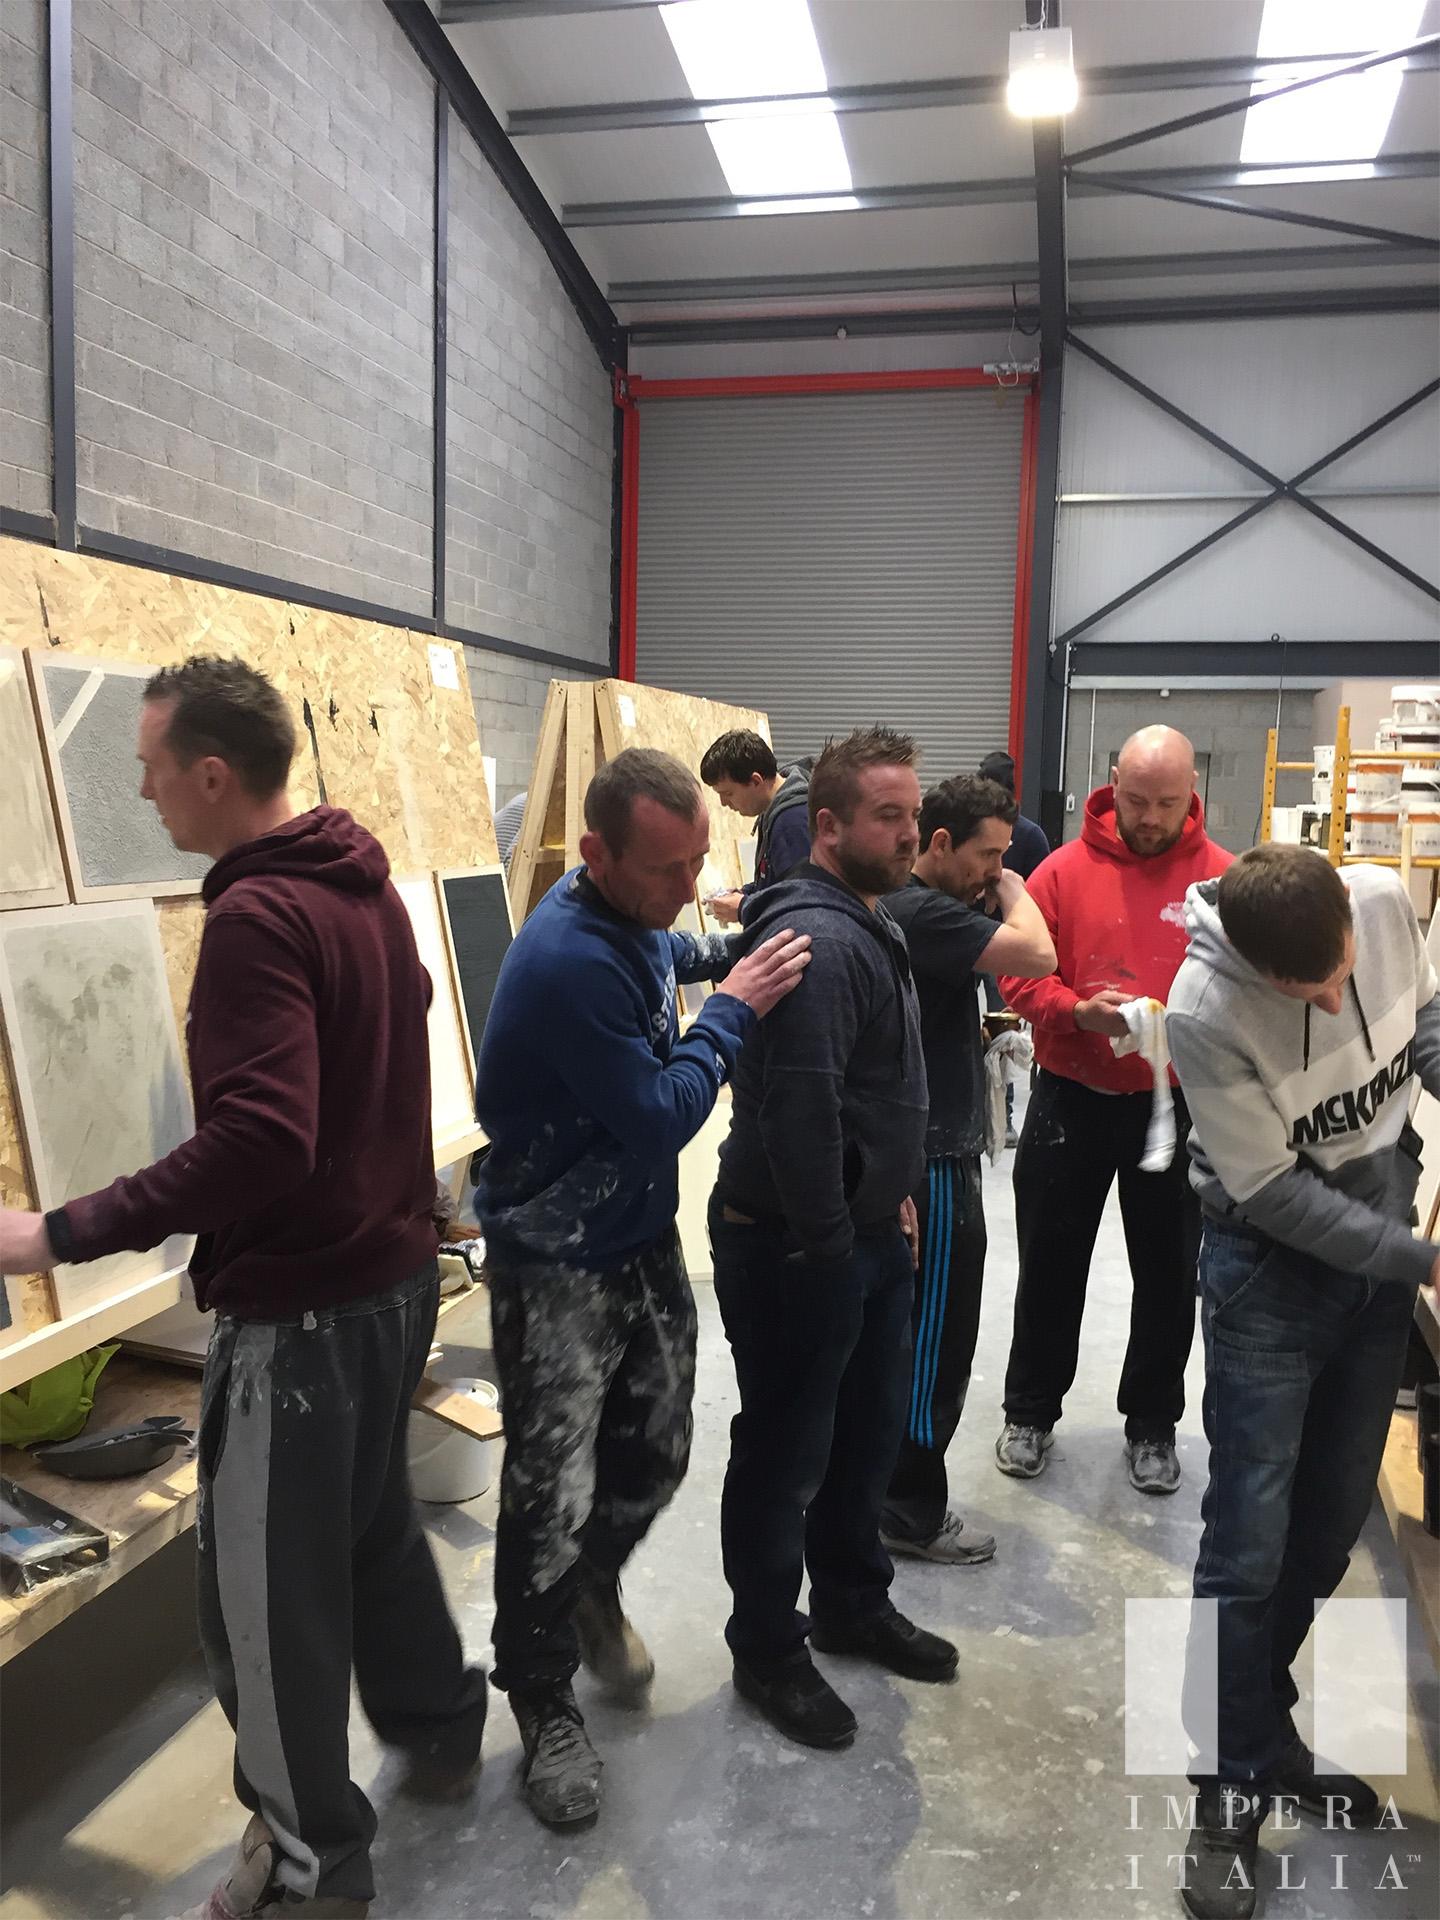 Weekend Venetian Plastering Course in Ireland